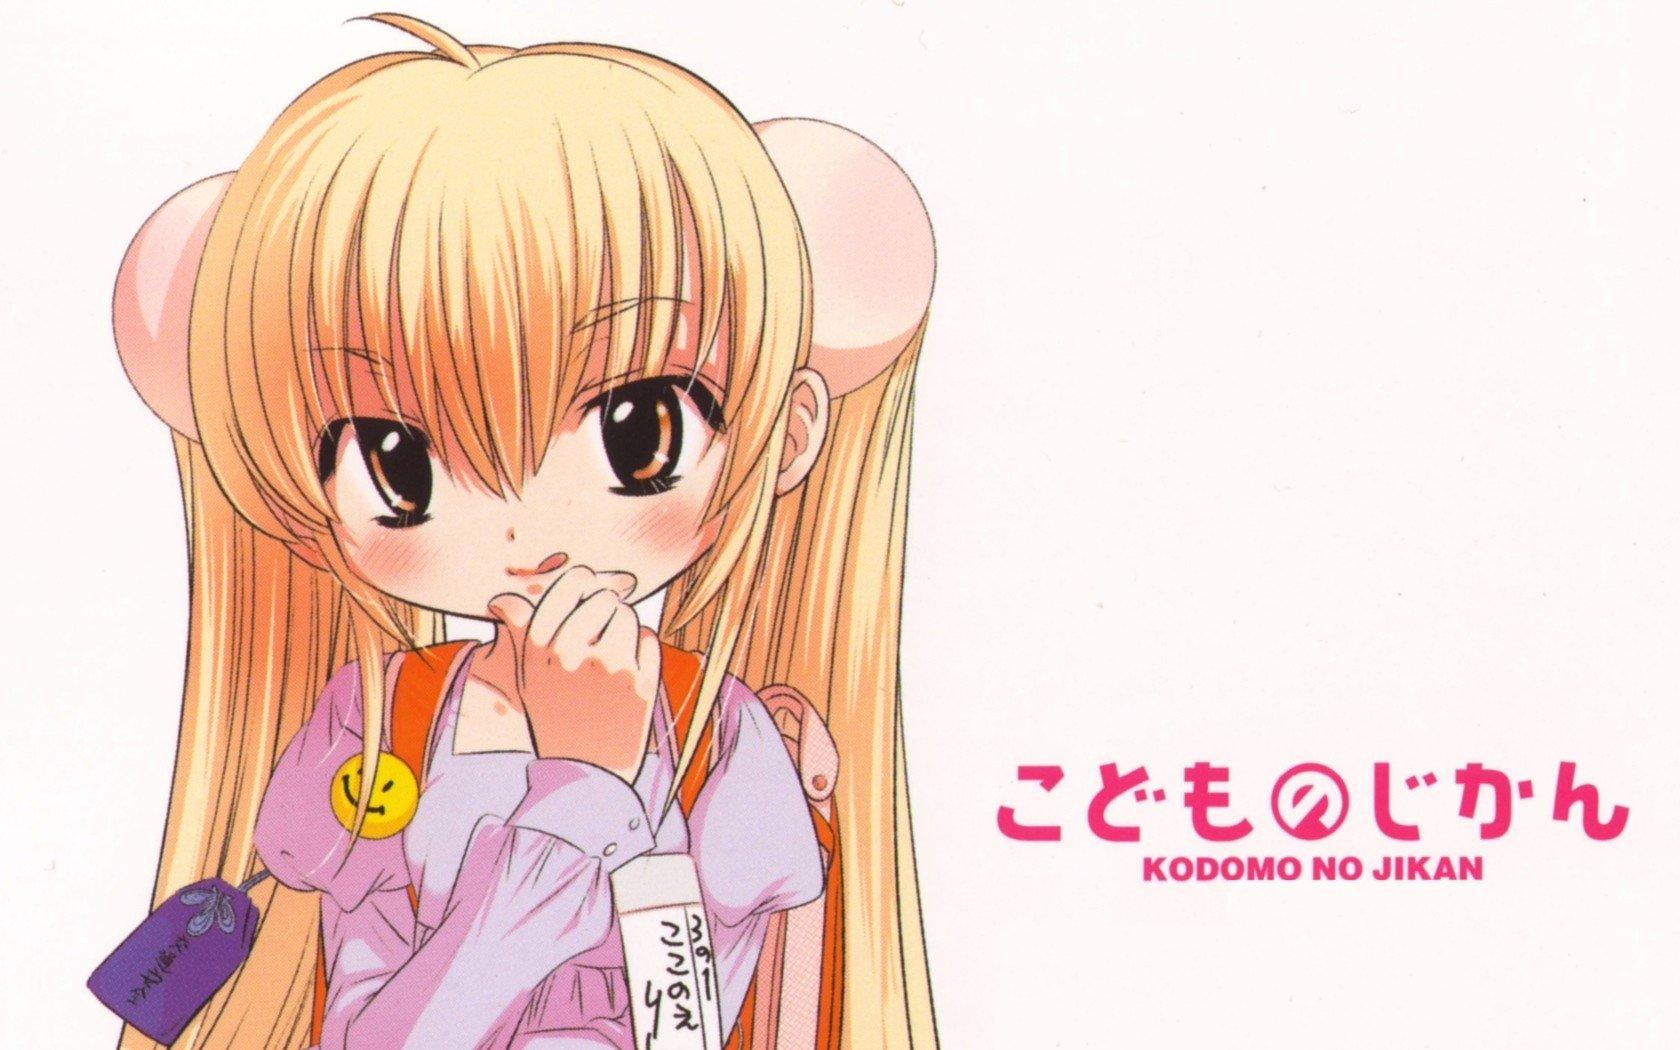 download film anime kodomo no jikan